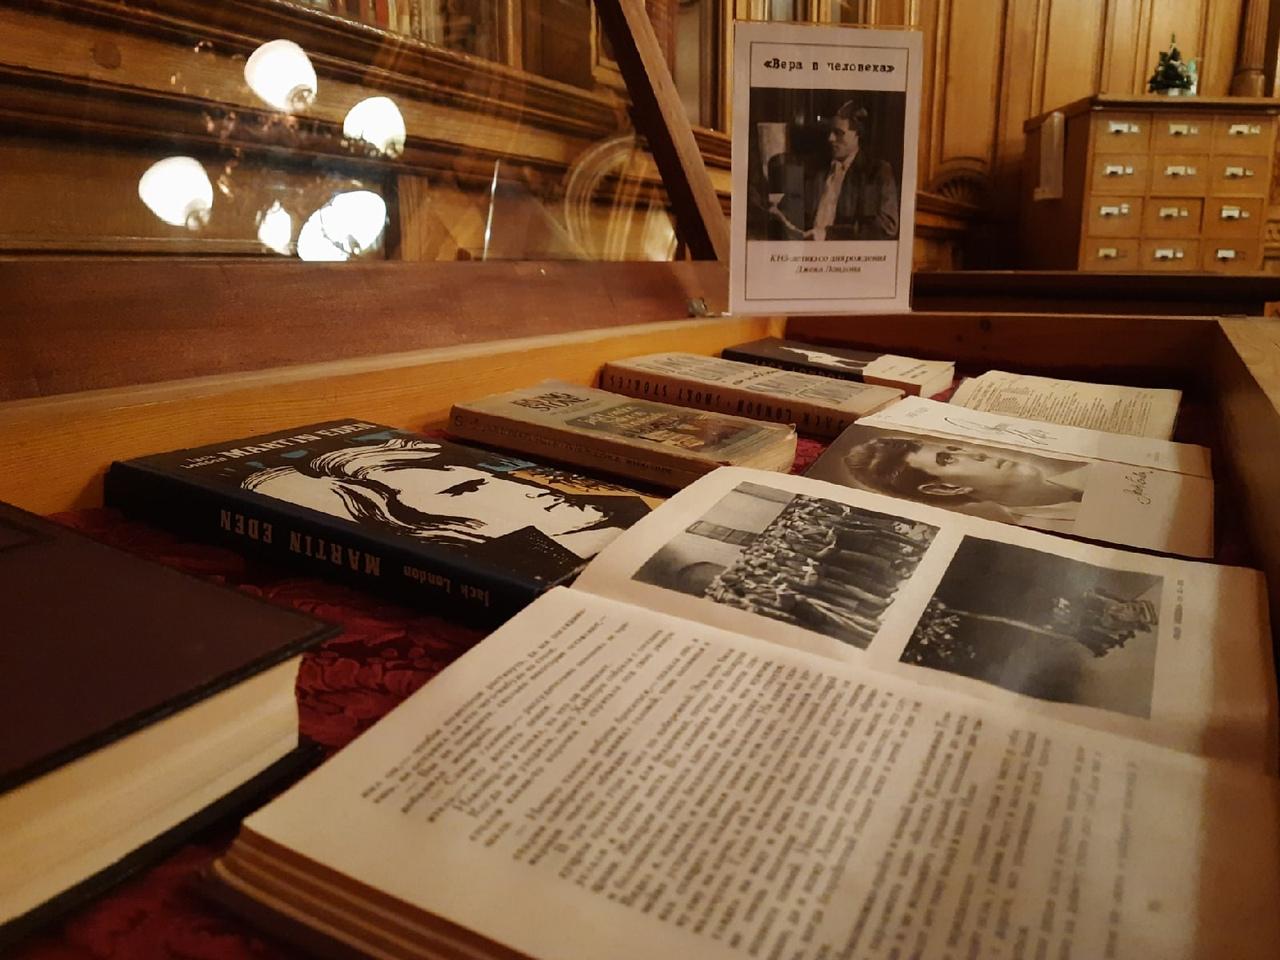 Выставка «Вера в человека» (к 145-летию со дня рождения Д. Лондона)